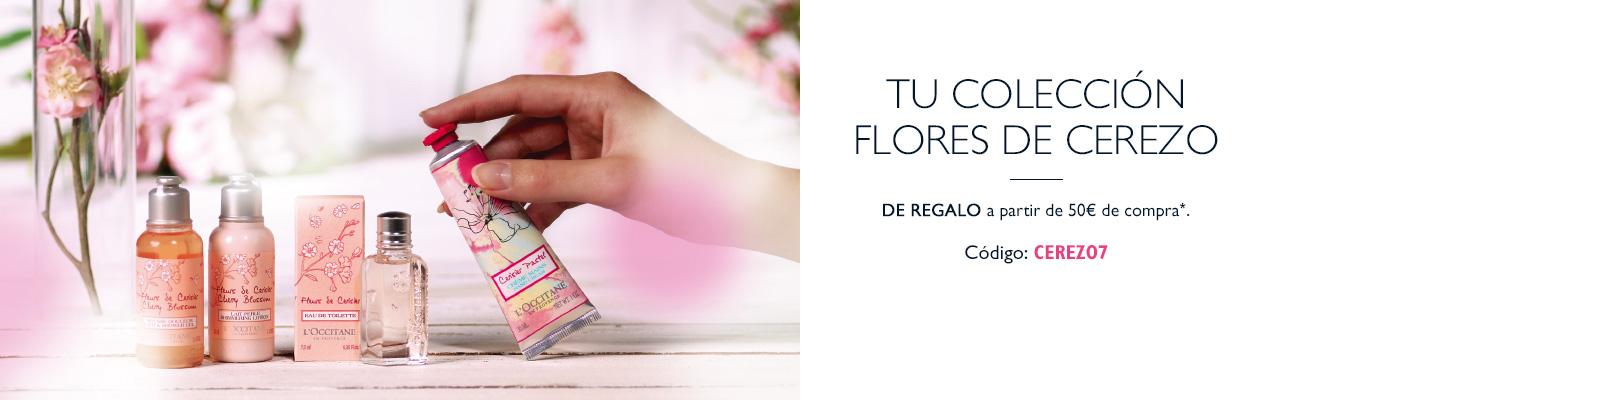 Tu Colección Flores de Cerezo